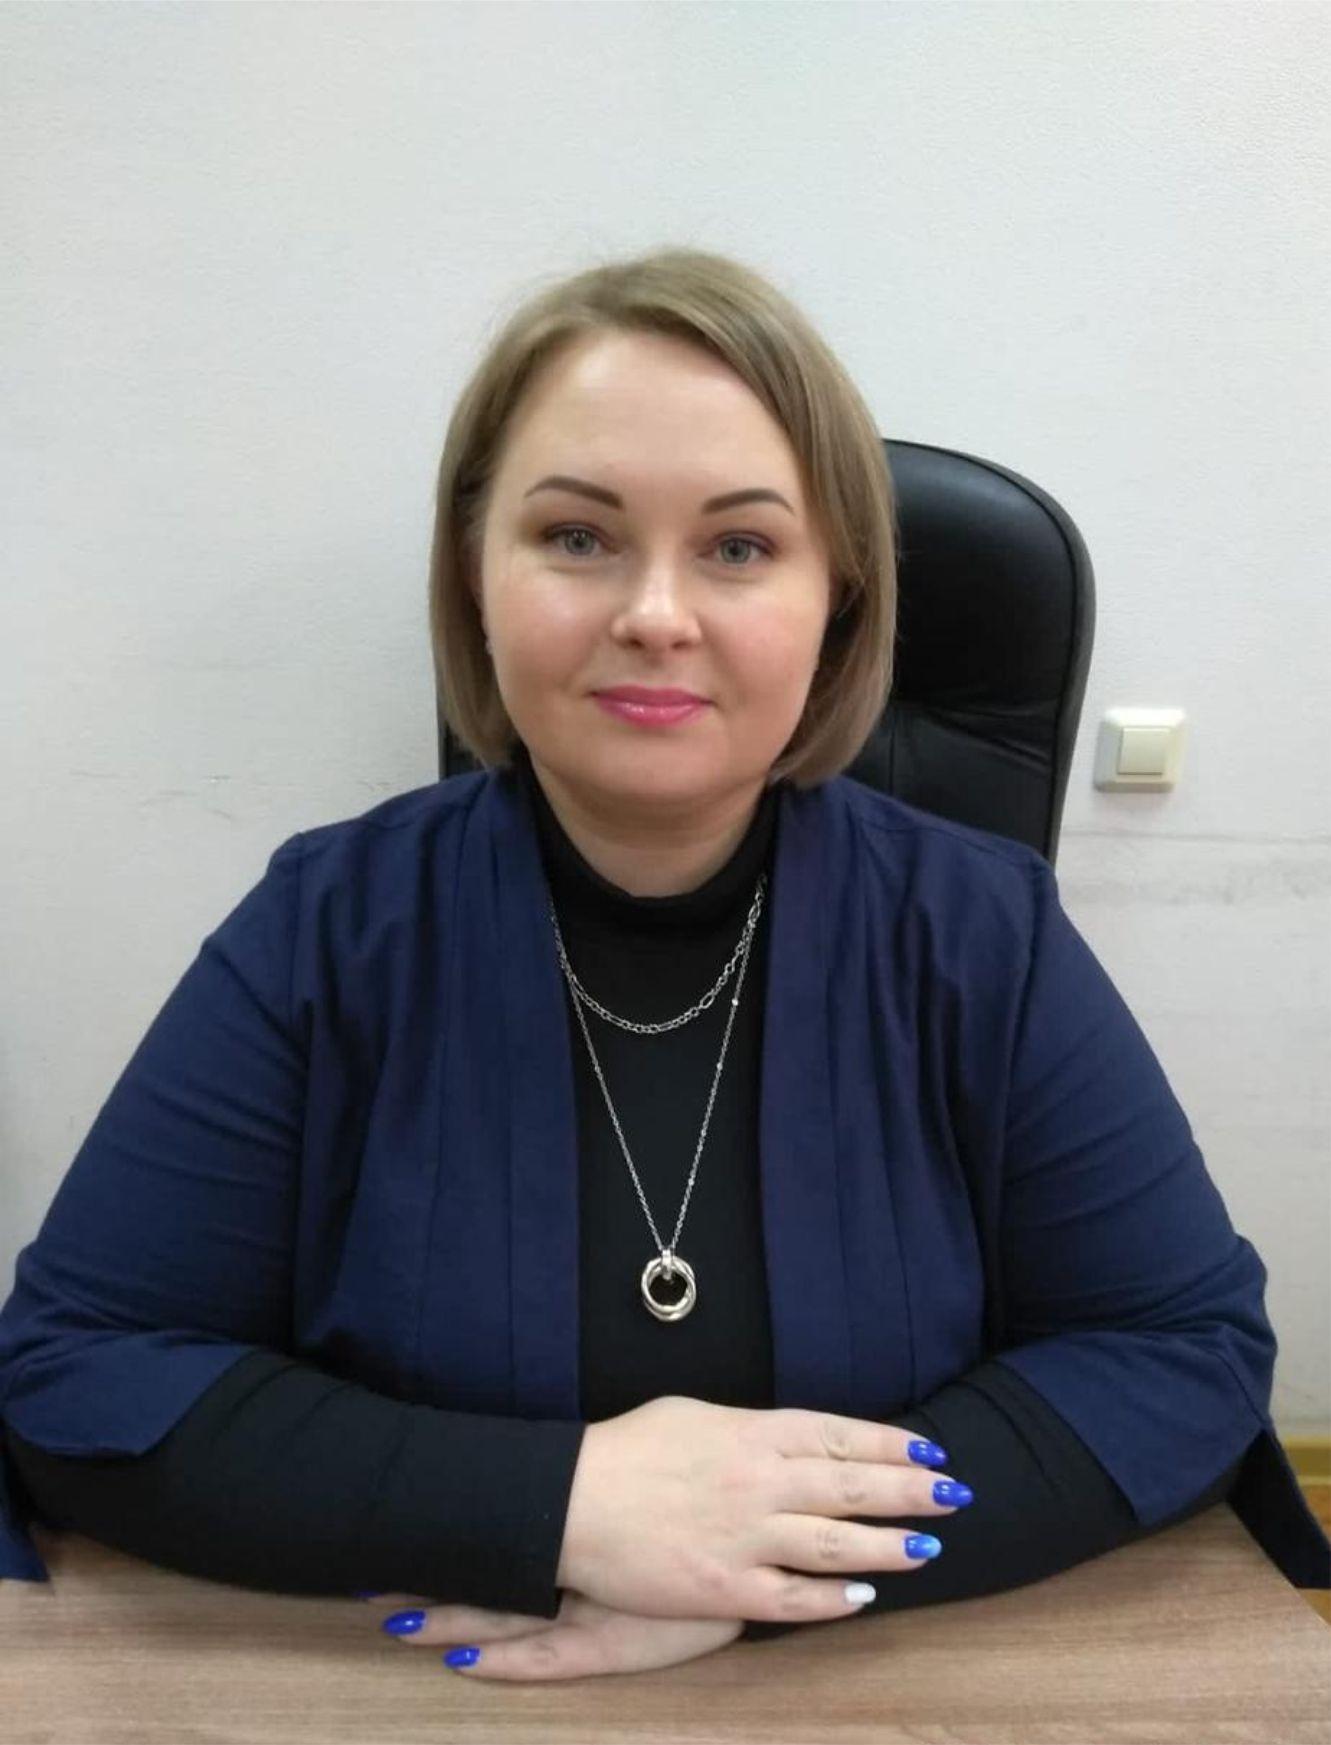 Самошенко Вячеслав Викторович